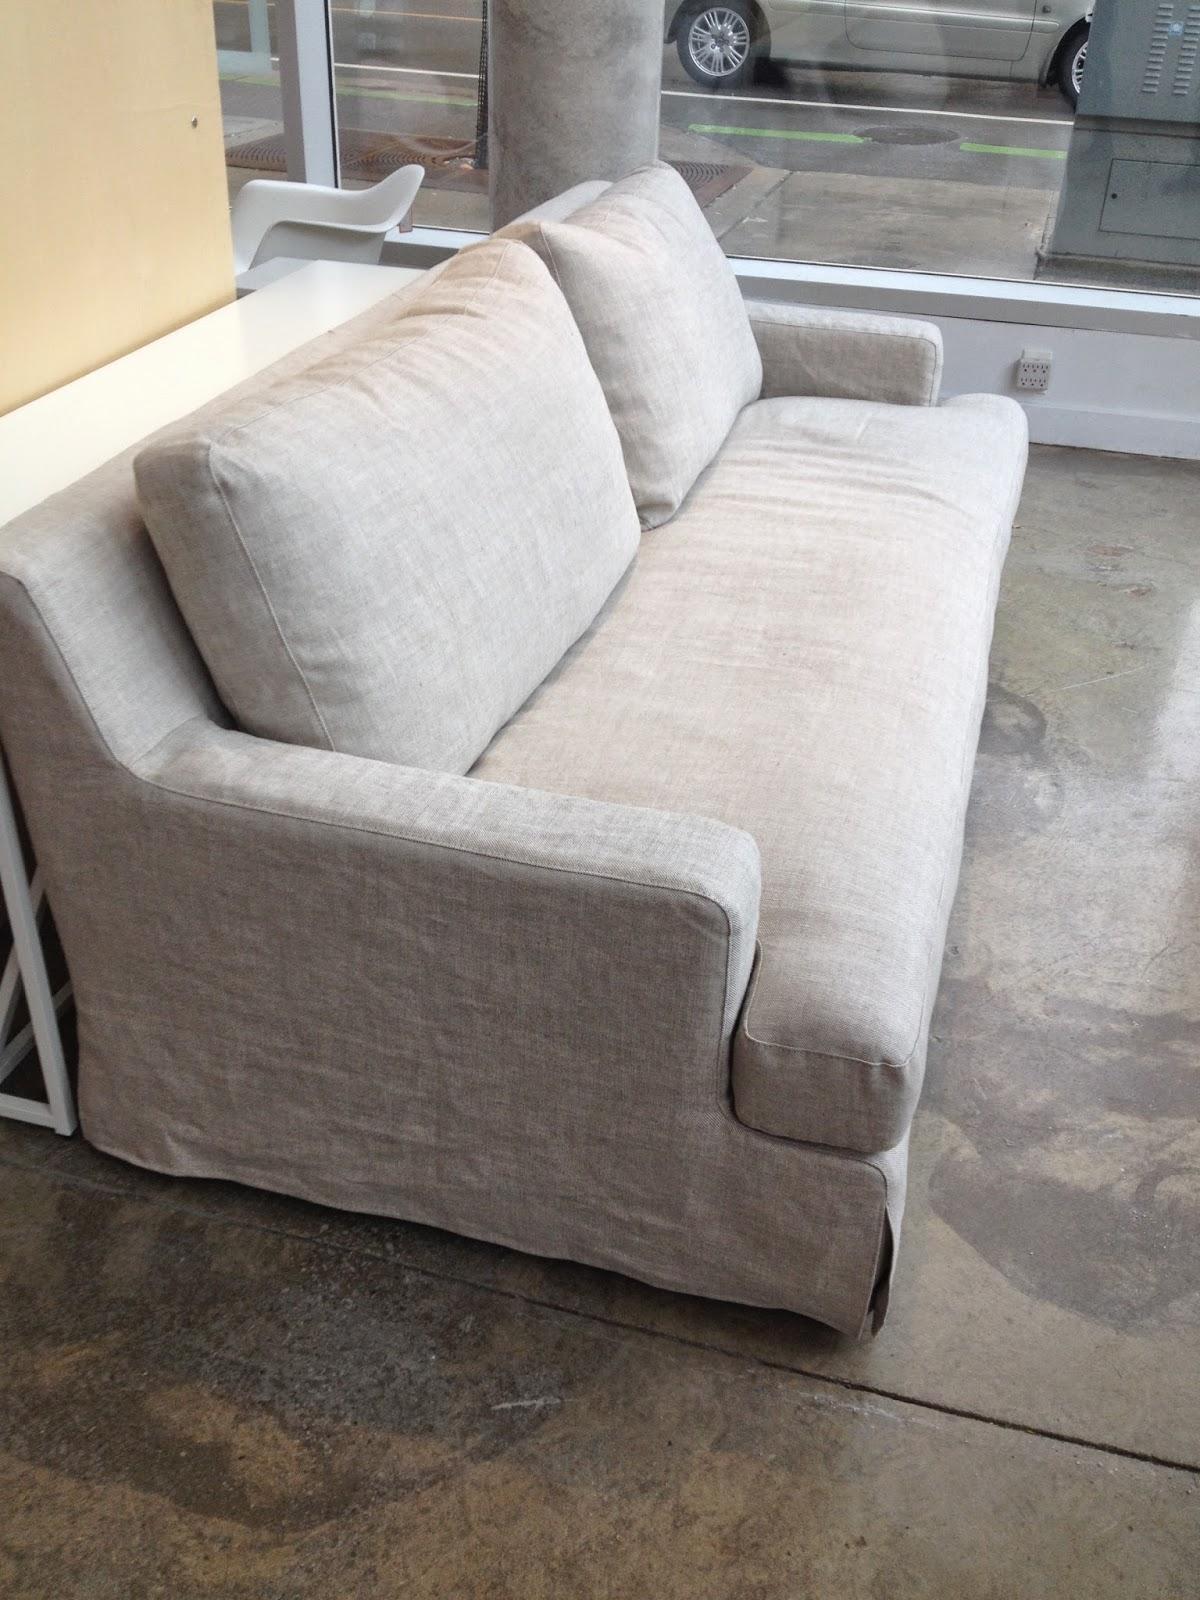 Design Style Decor [decor] Sofa Search Part III